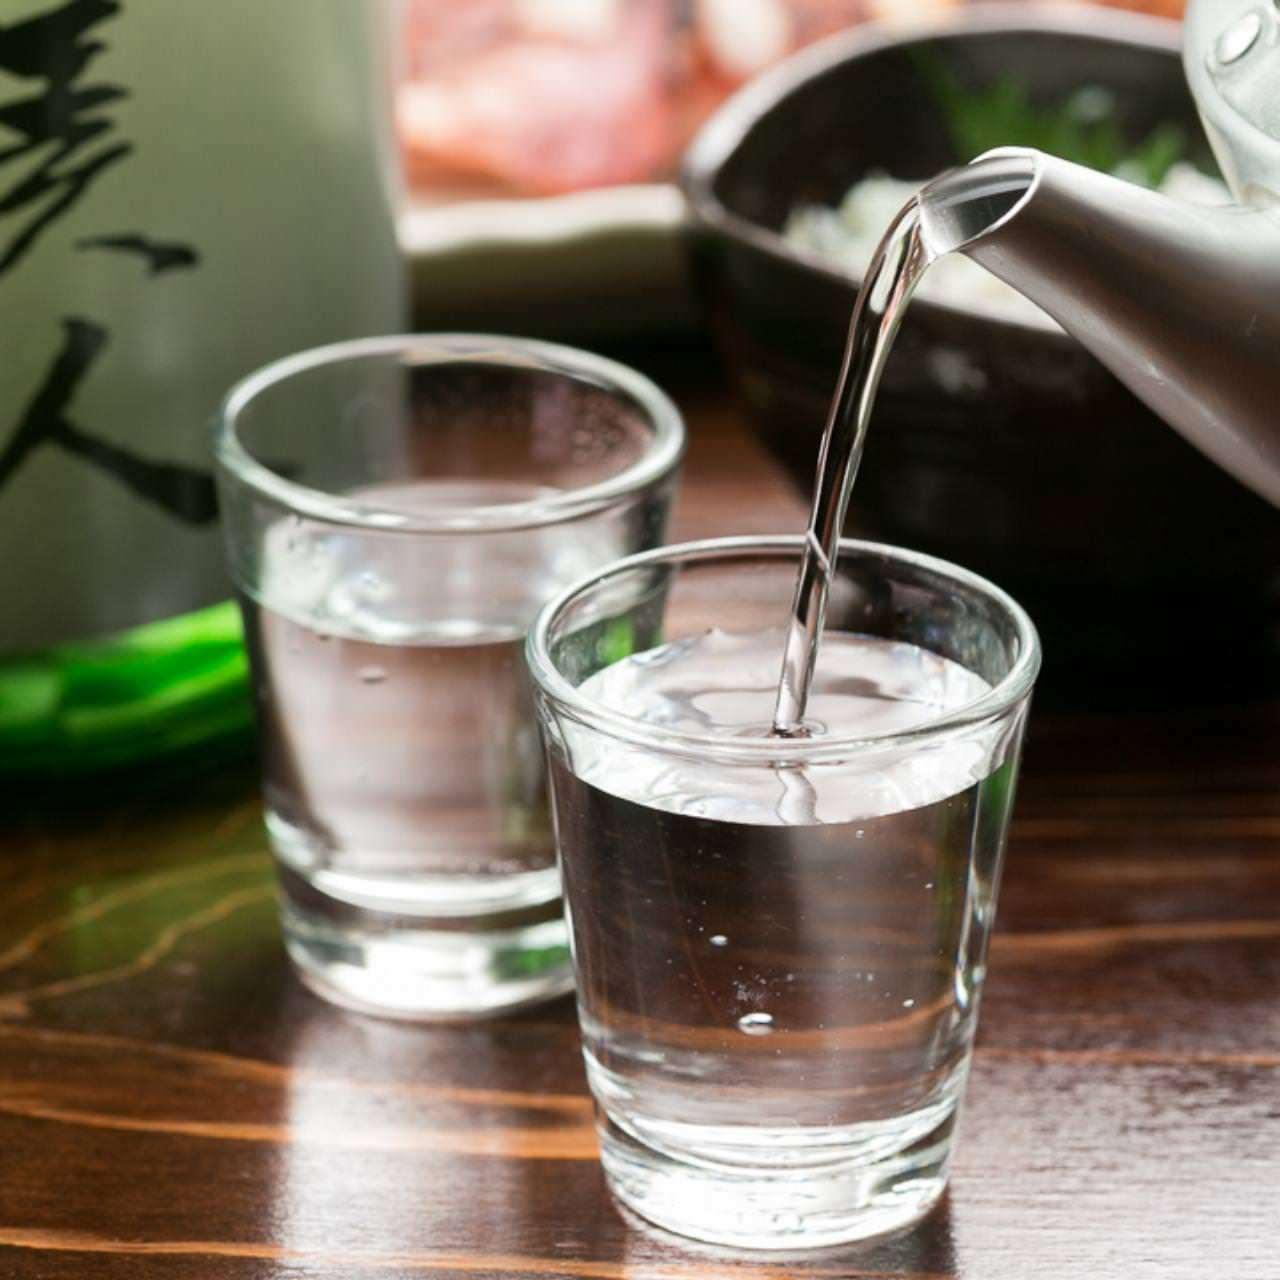 日本酒と浜焼でクイッ!っとどうぞ♪